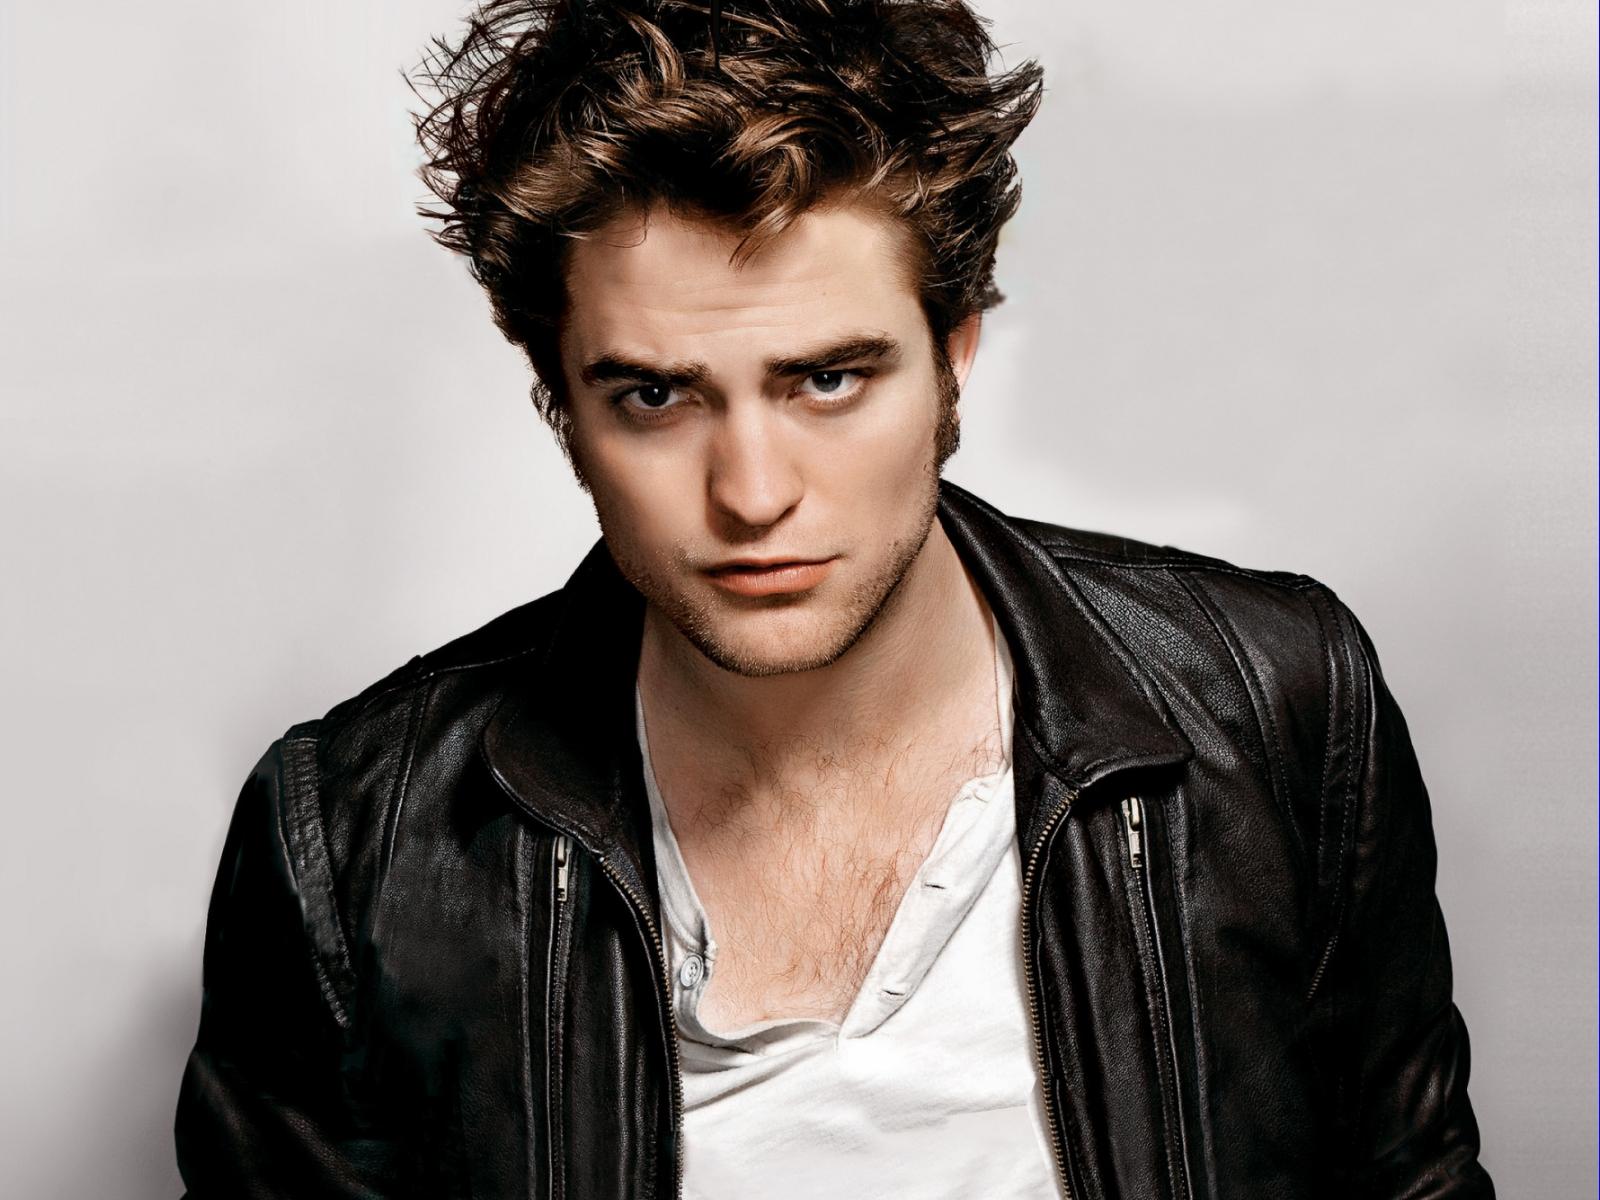 Robert Pattinson 25 Desktop Backgrounds